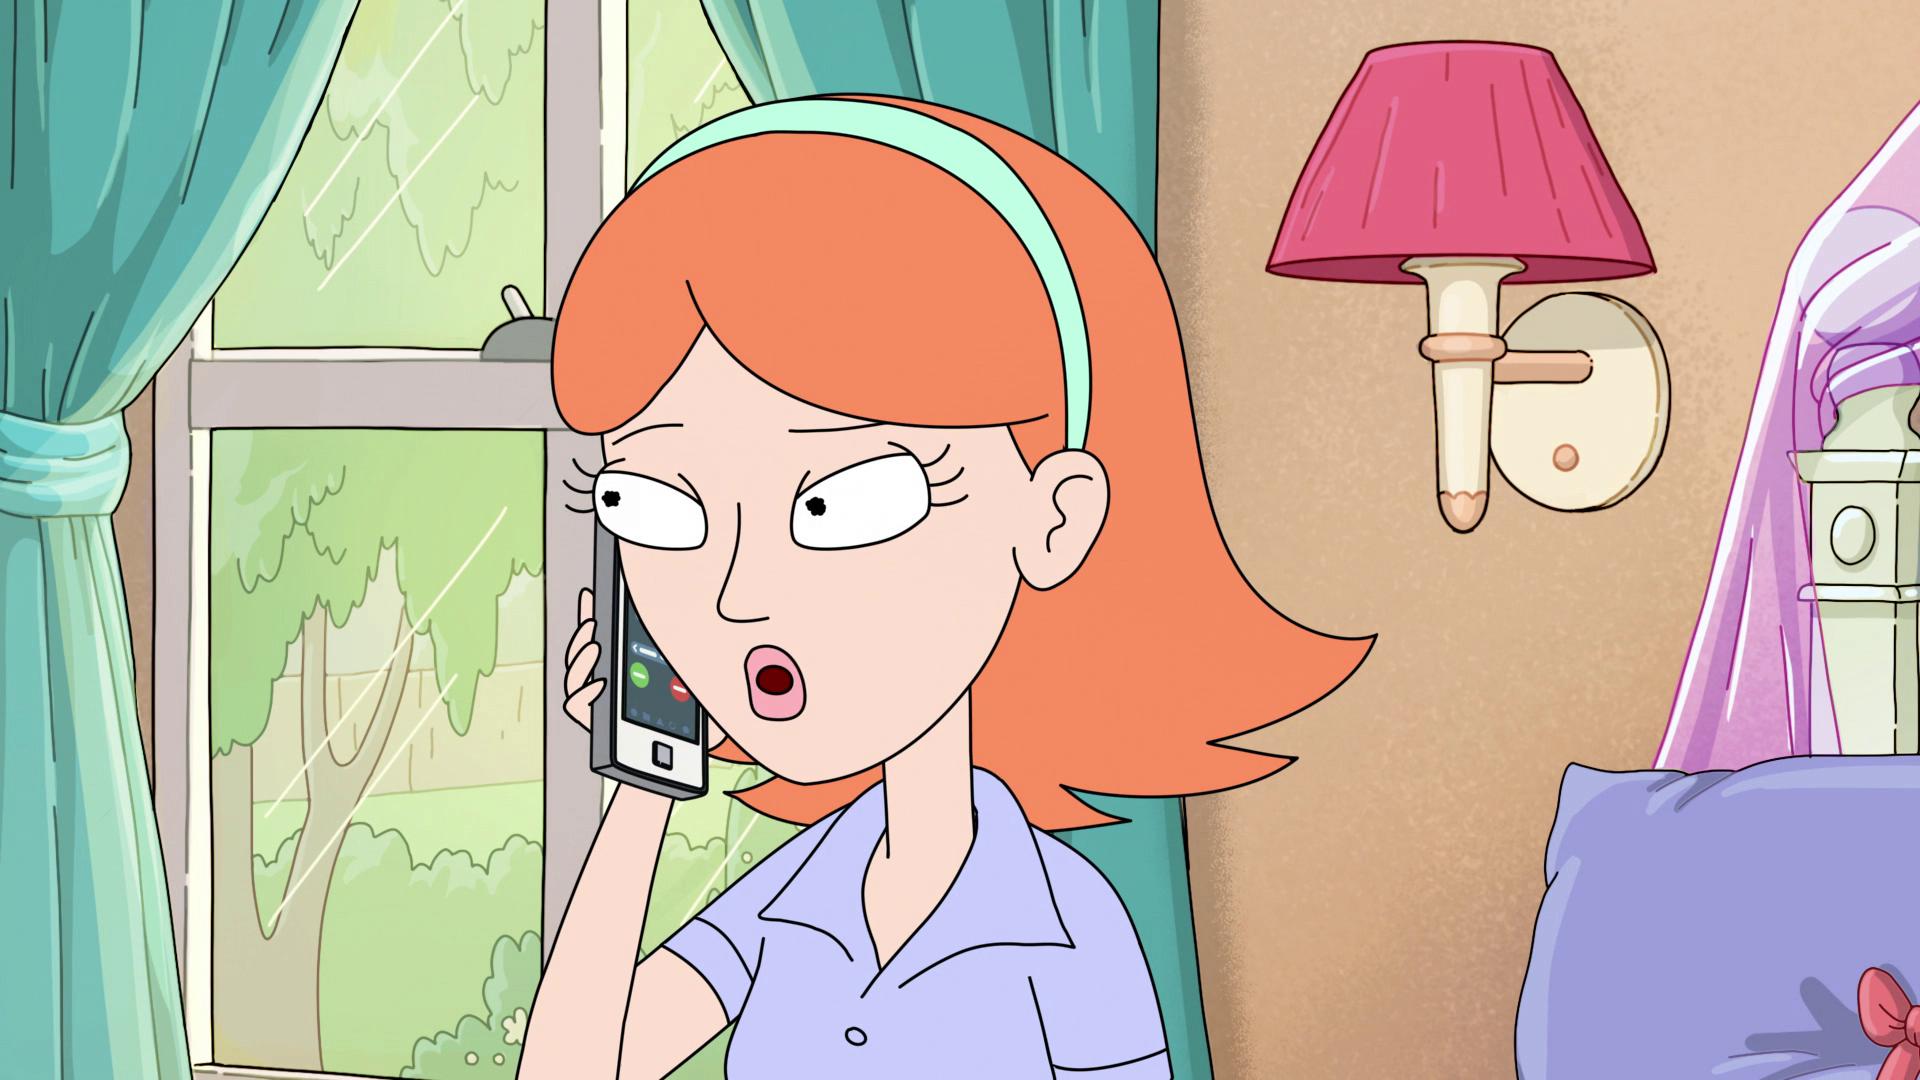 Rick y Morty (2021) Temporada 5 1080p WEB-DL Latino